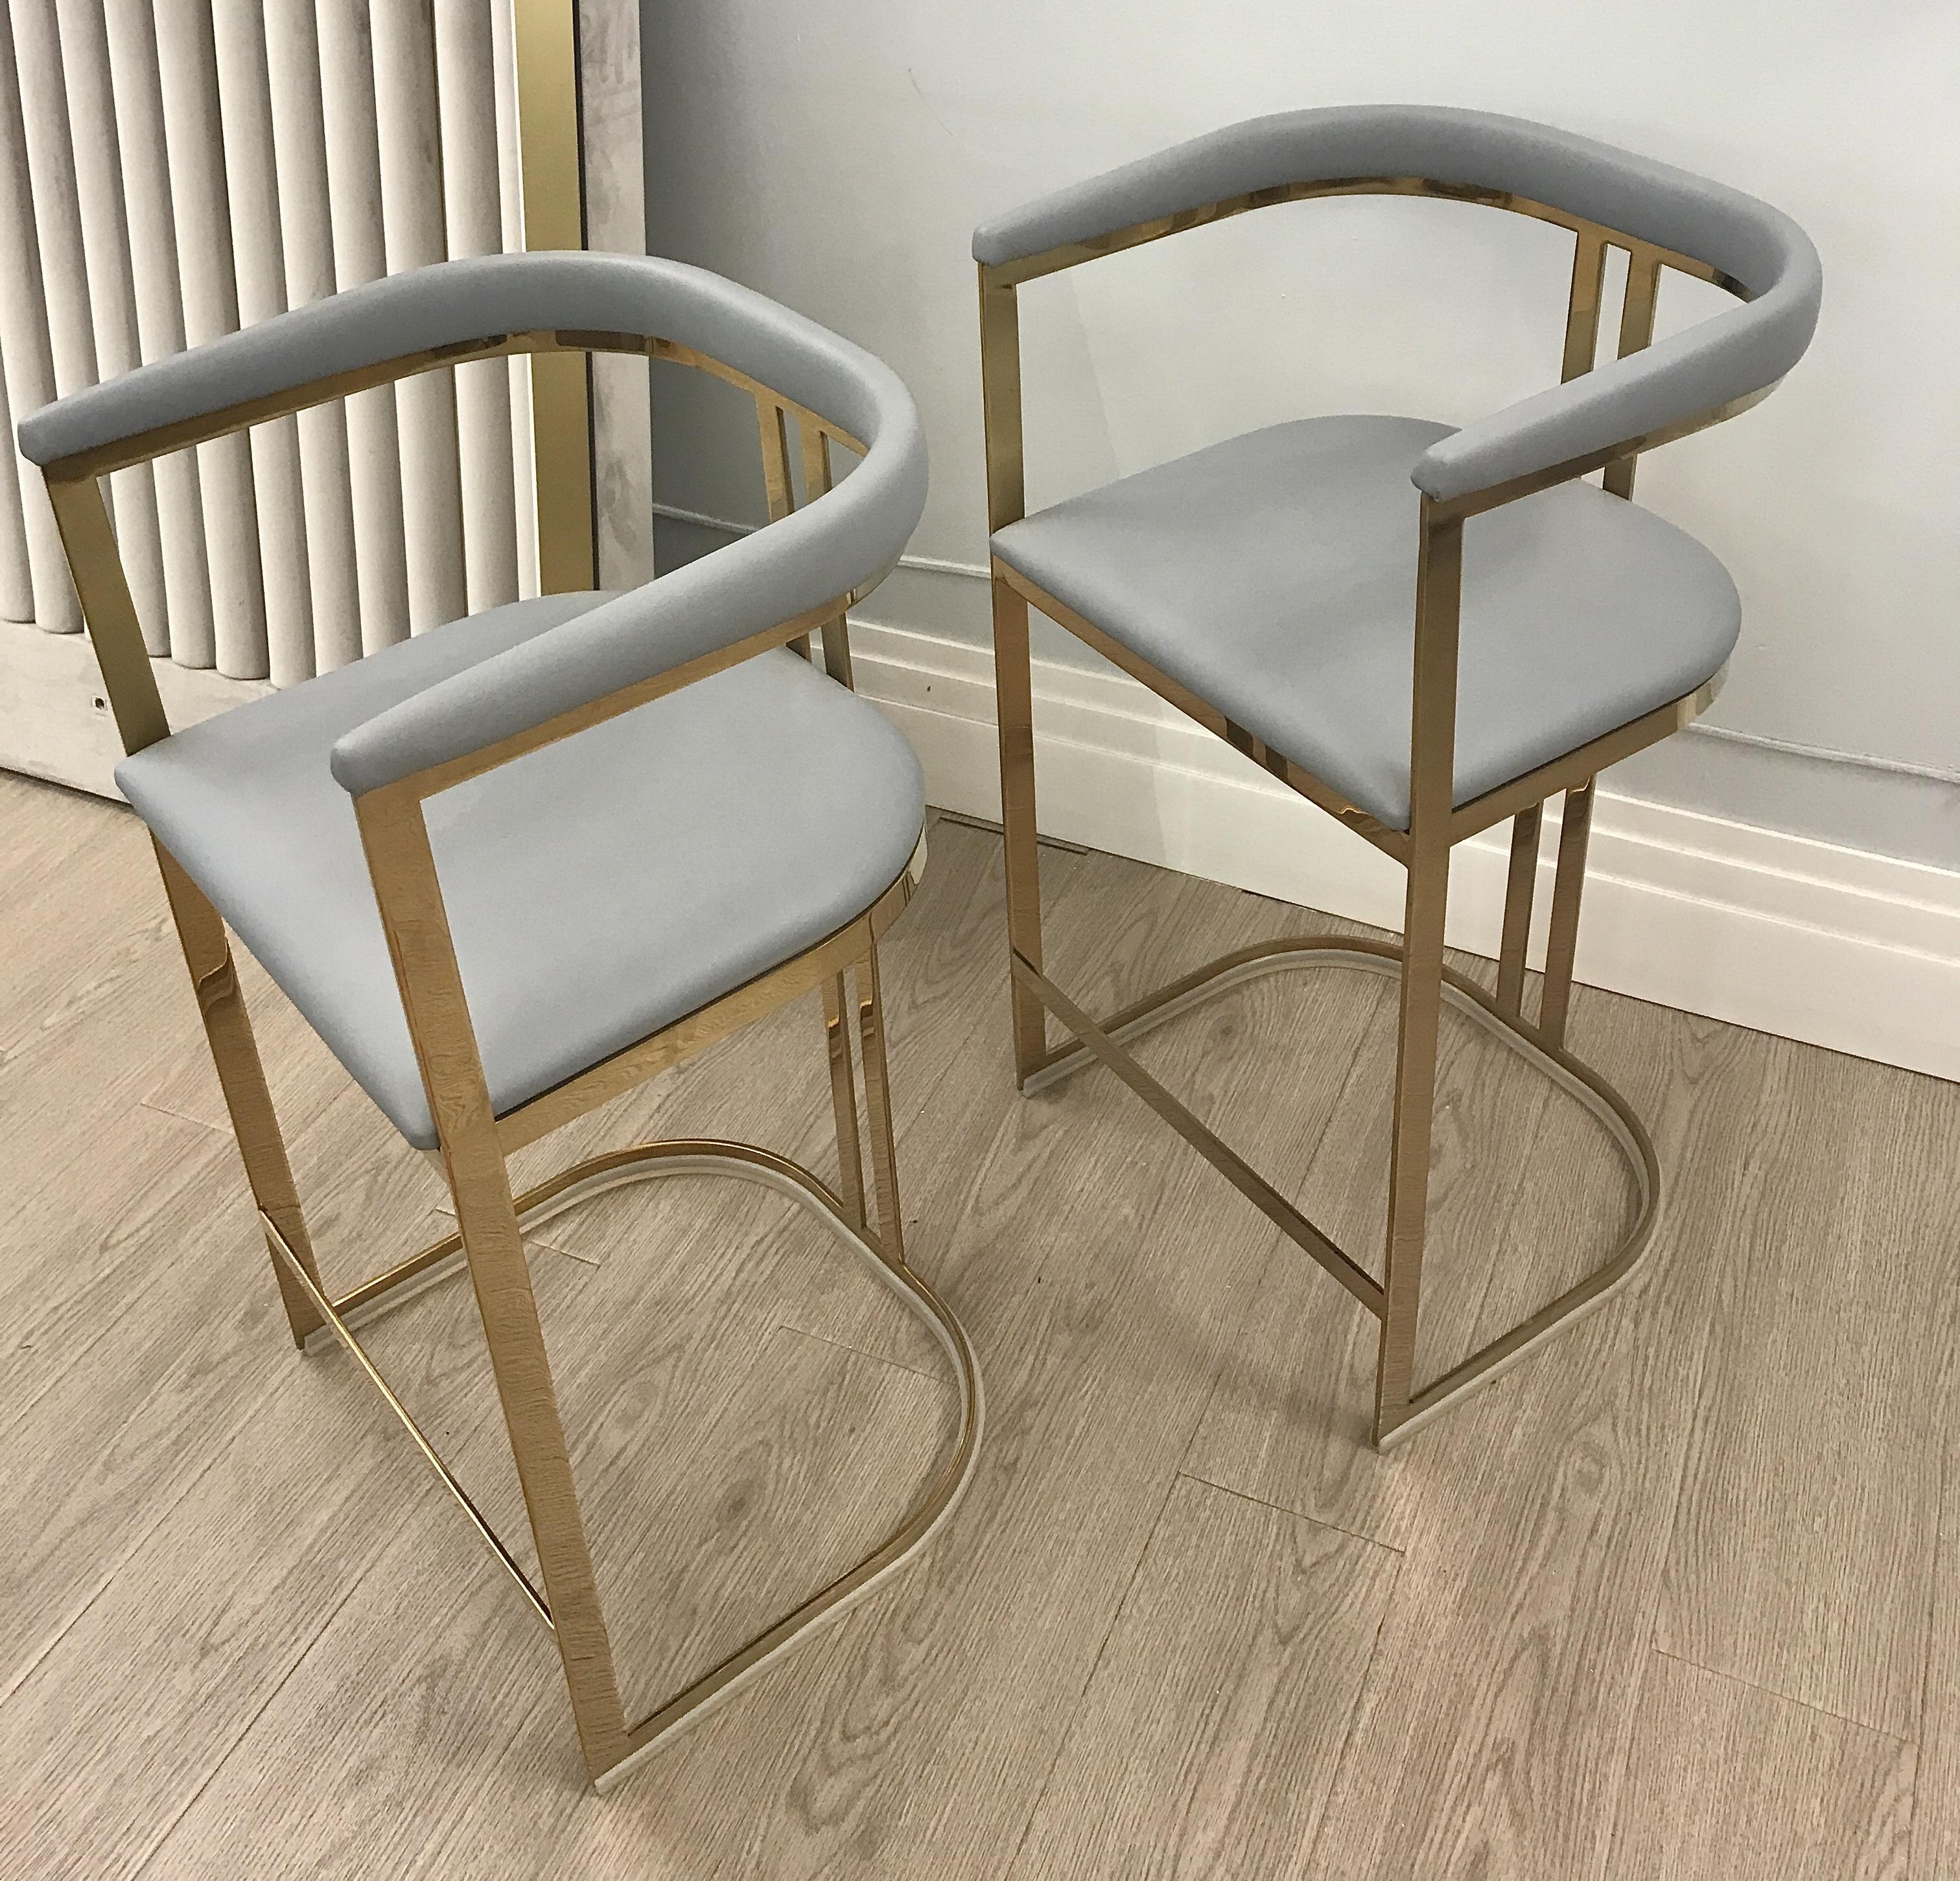 Полубарный стул B002 с покрытием из гальваники - B002-G | AnyHome.ru